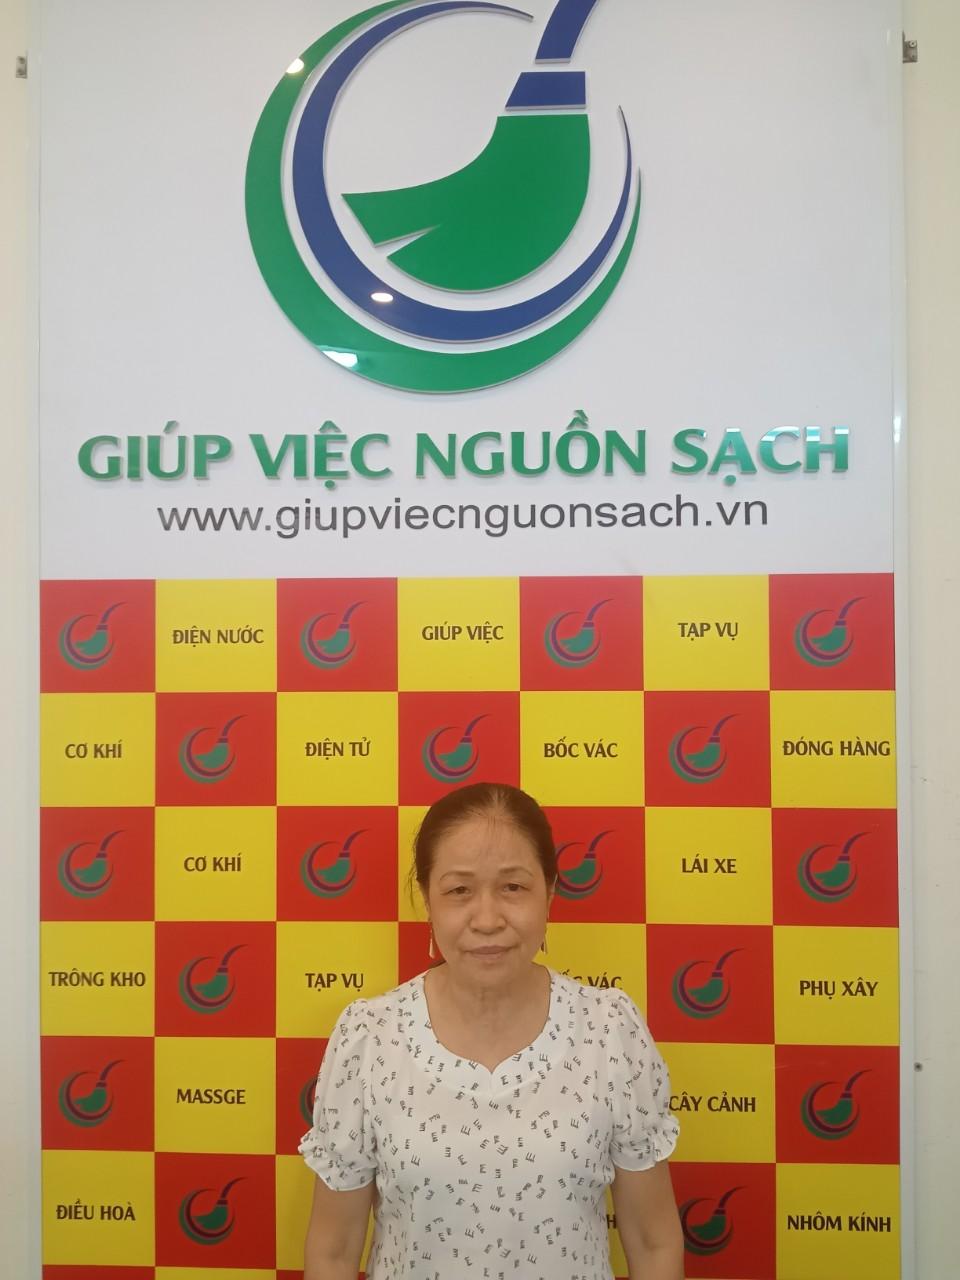 Cô thuần 1960,Hưng Yên giúp việc.jpg